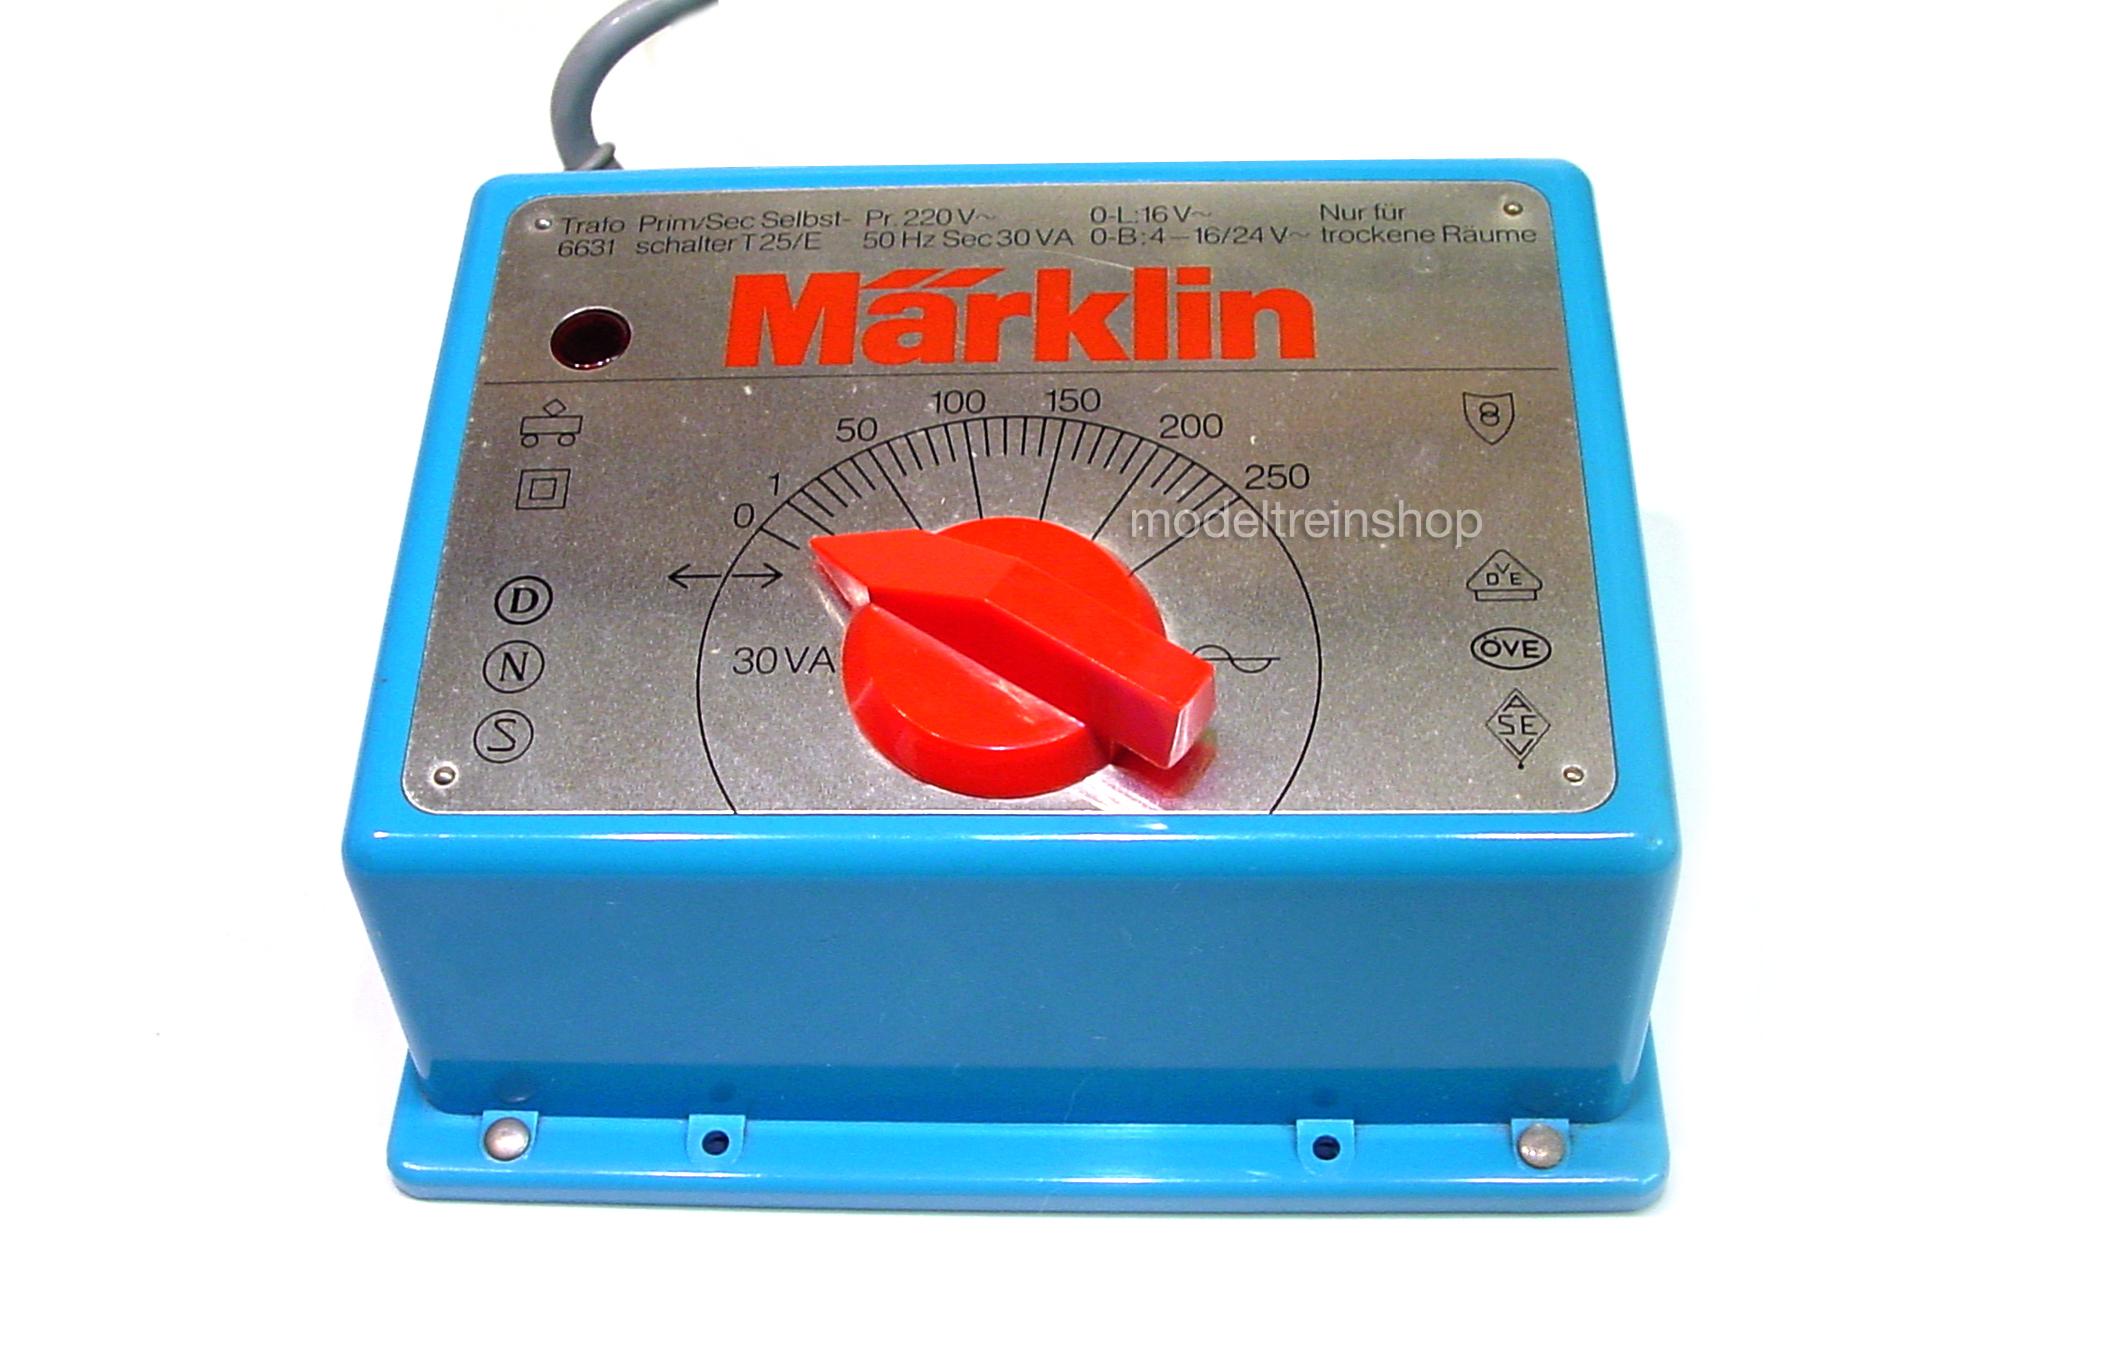 Marklin 6631 Transformator 16volt – 30Va - Modeltreinshop